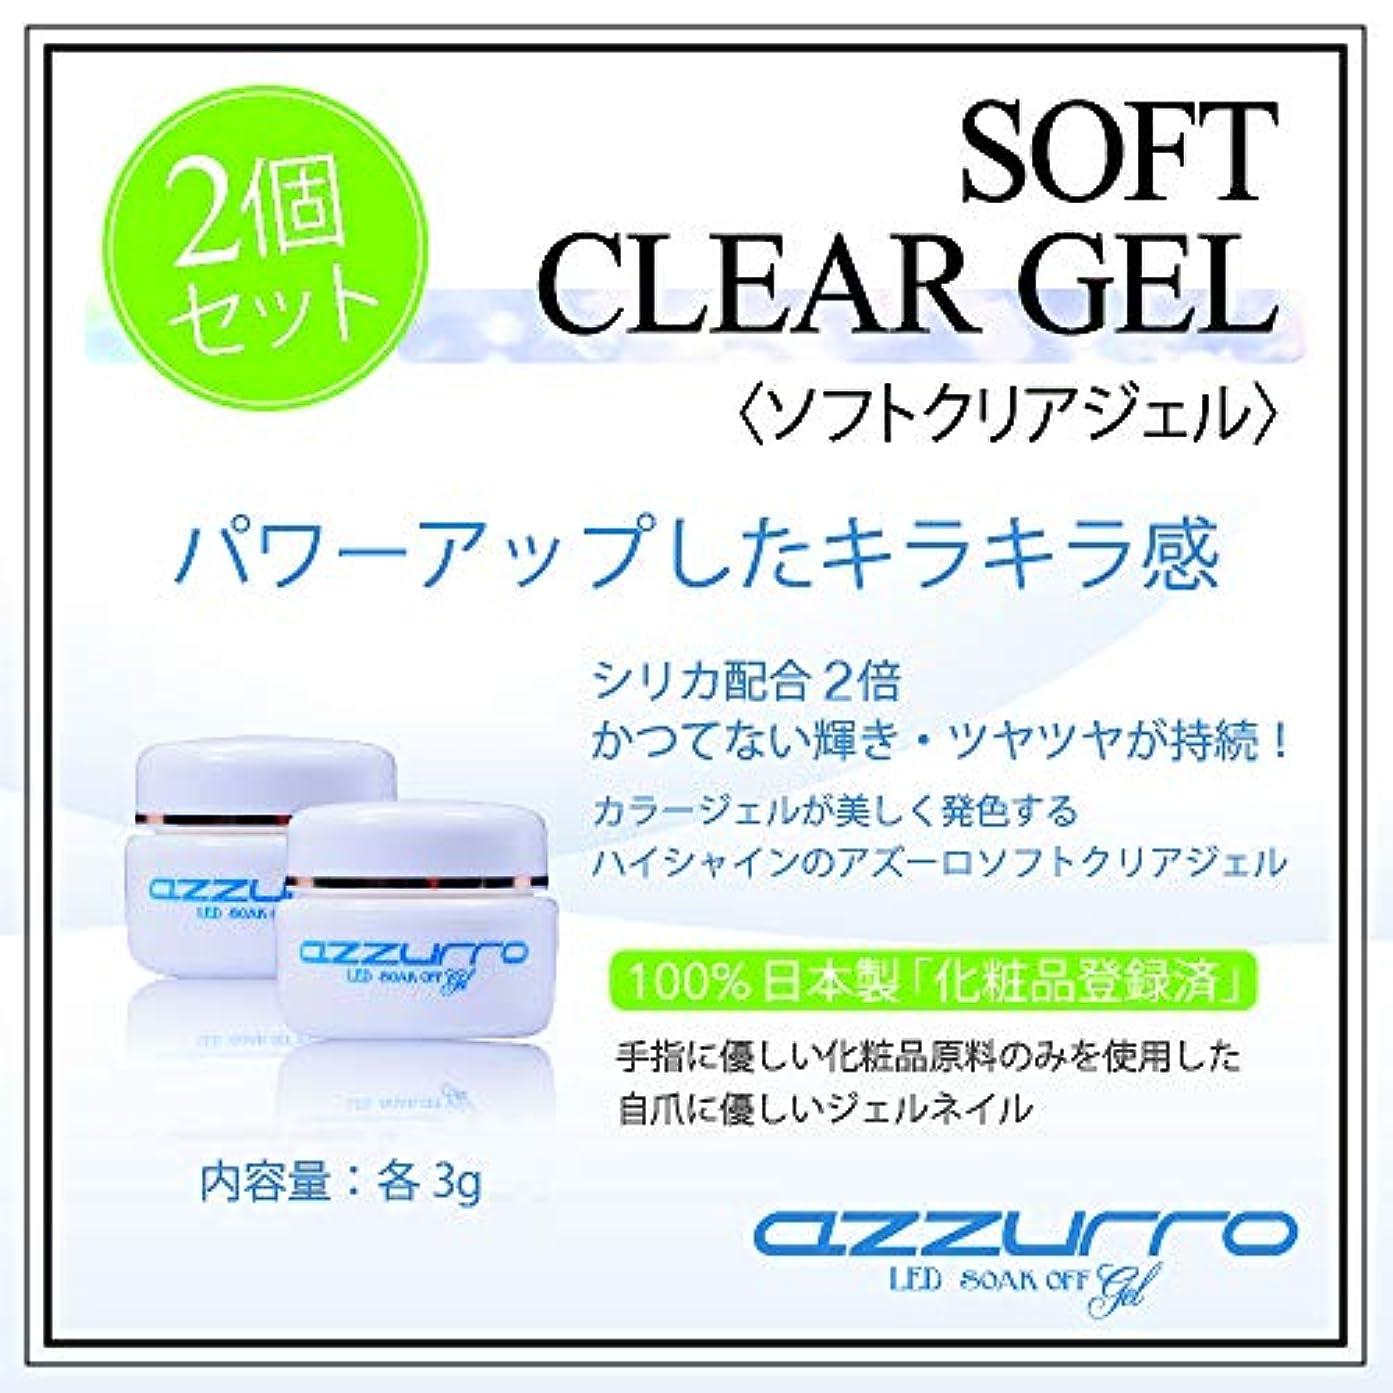 オリエントよろめくやむを得ないazzurro gel アッズーロ ソフトクリアージェル お得な2個セット ツヤツヤ キラキラ感持続 抜群のツヤ 爪に優しい日本製 3g